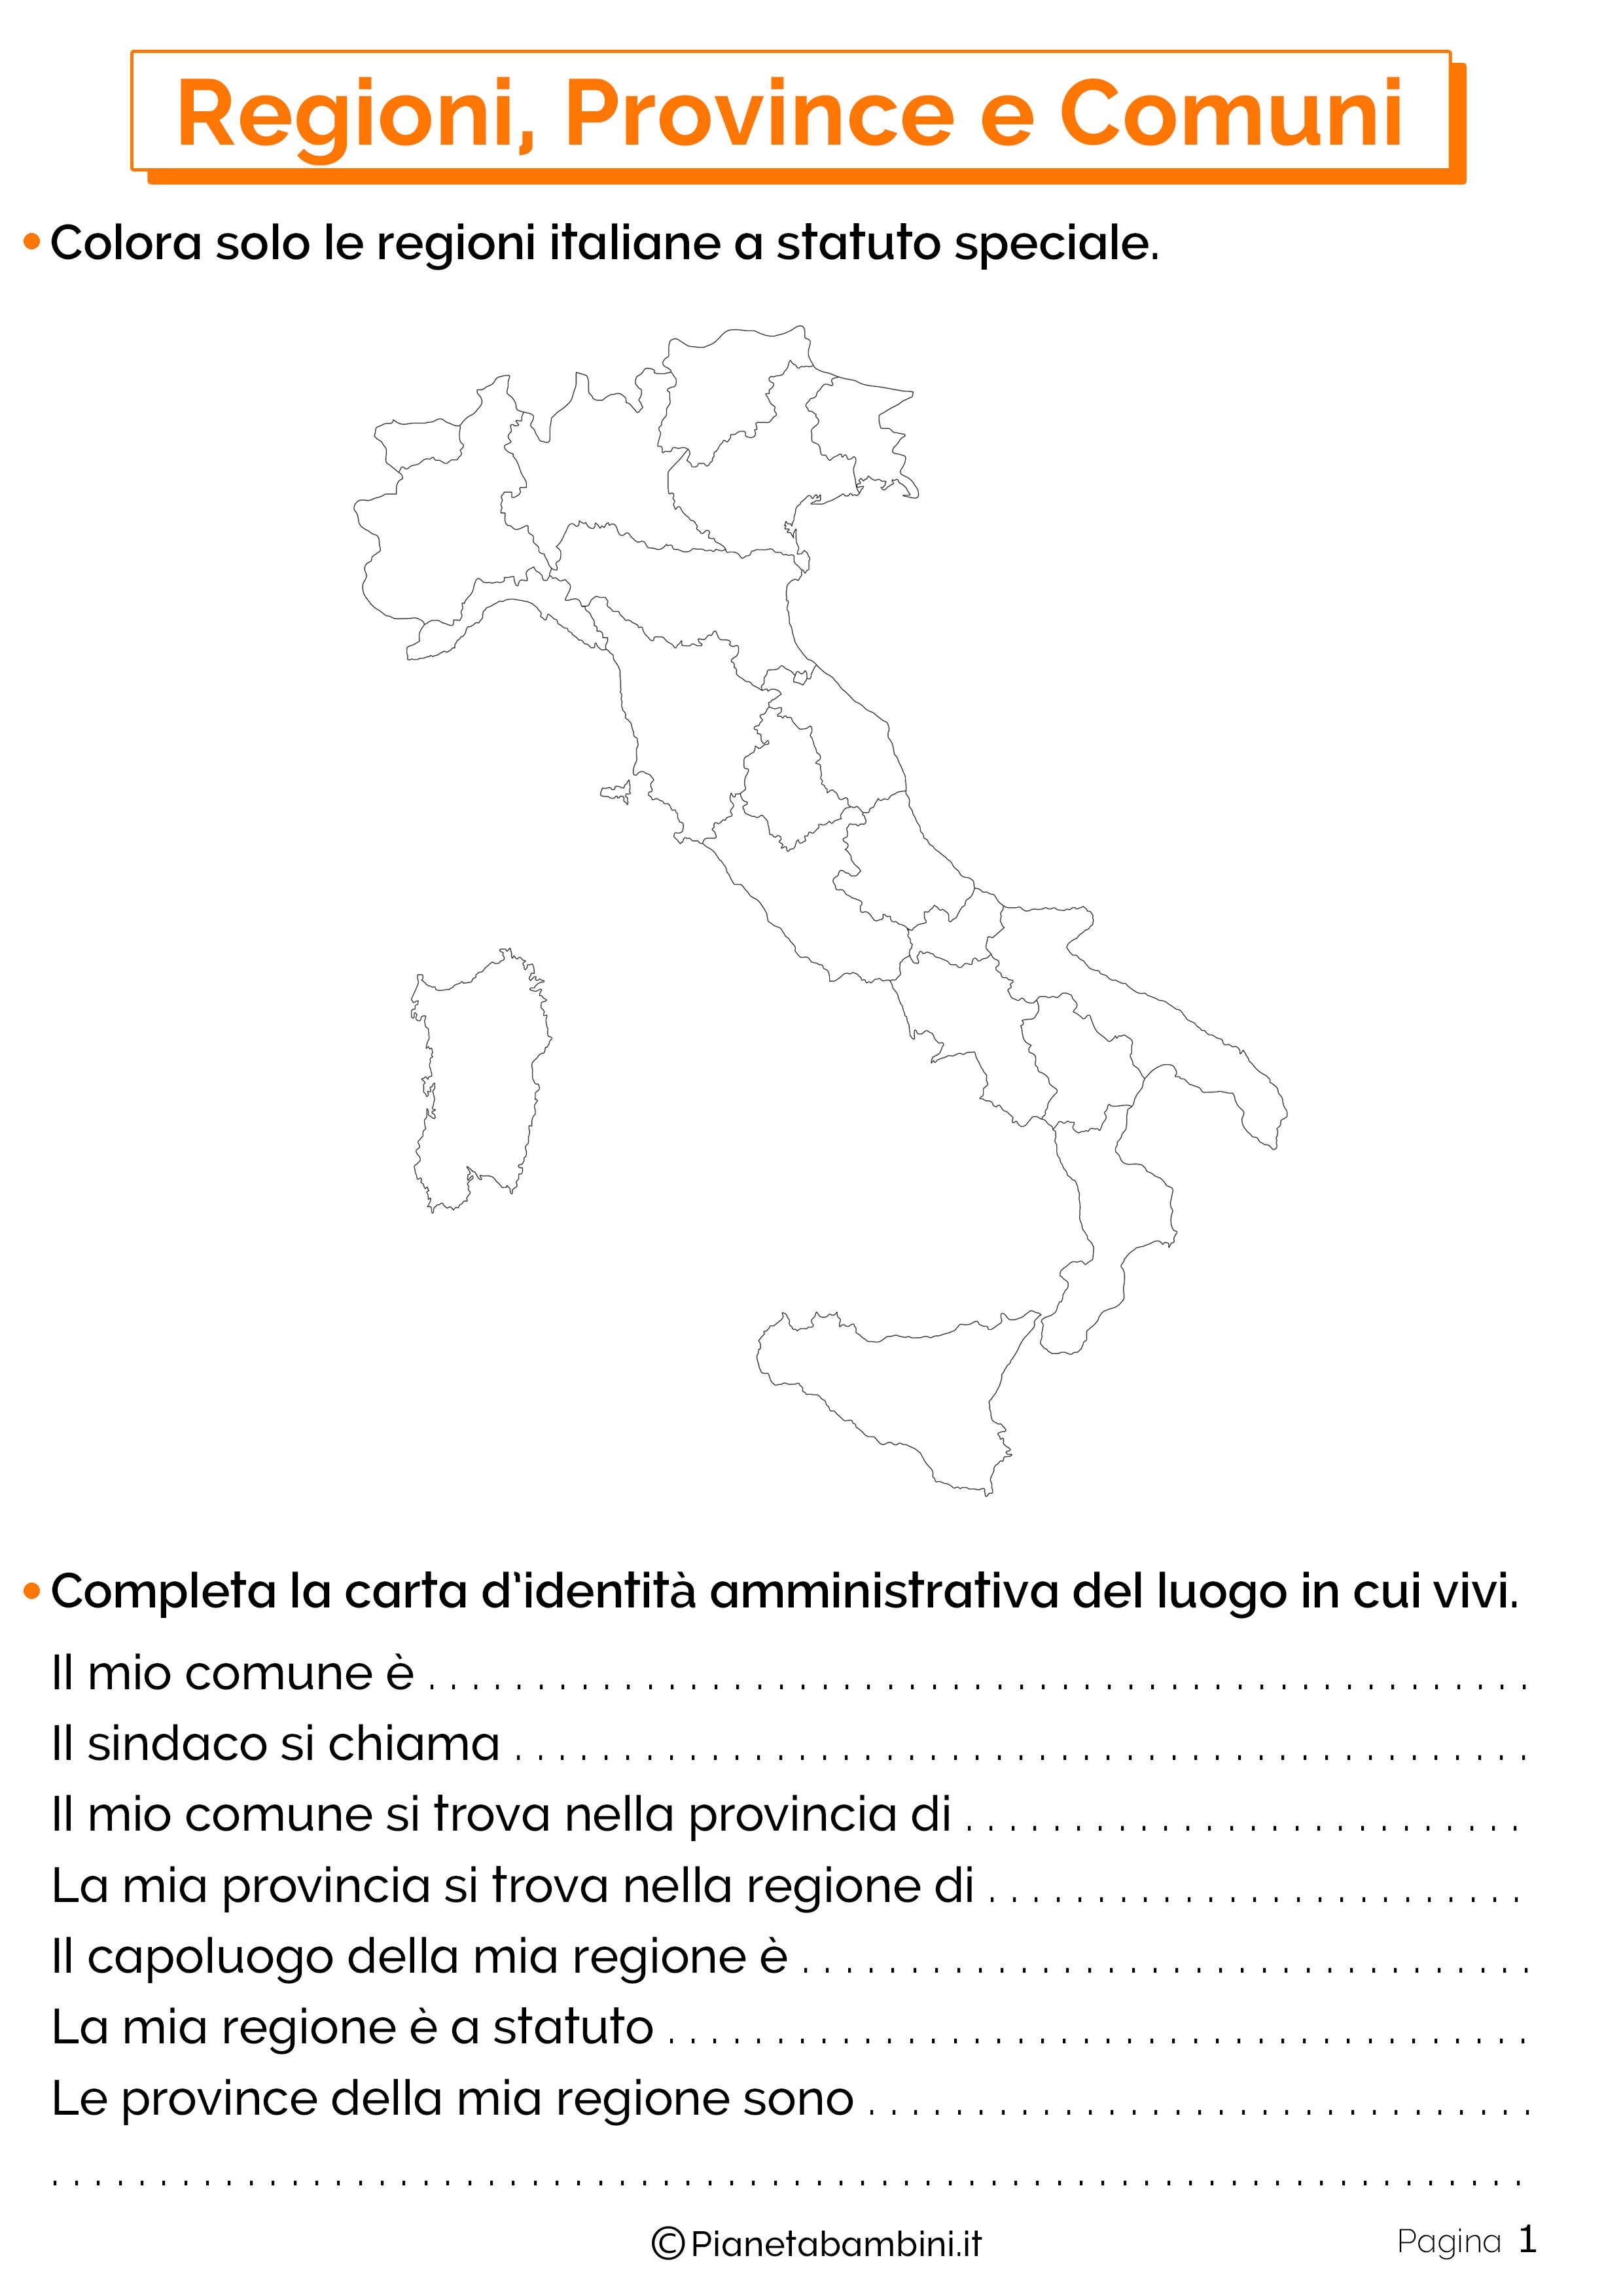 Esercizi su Regioni Province e Comuni 1